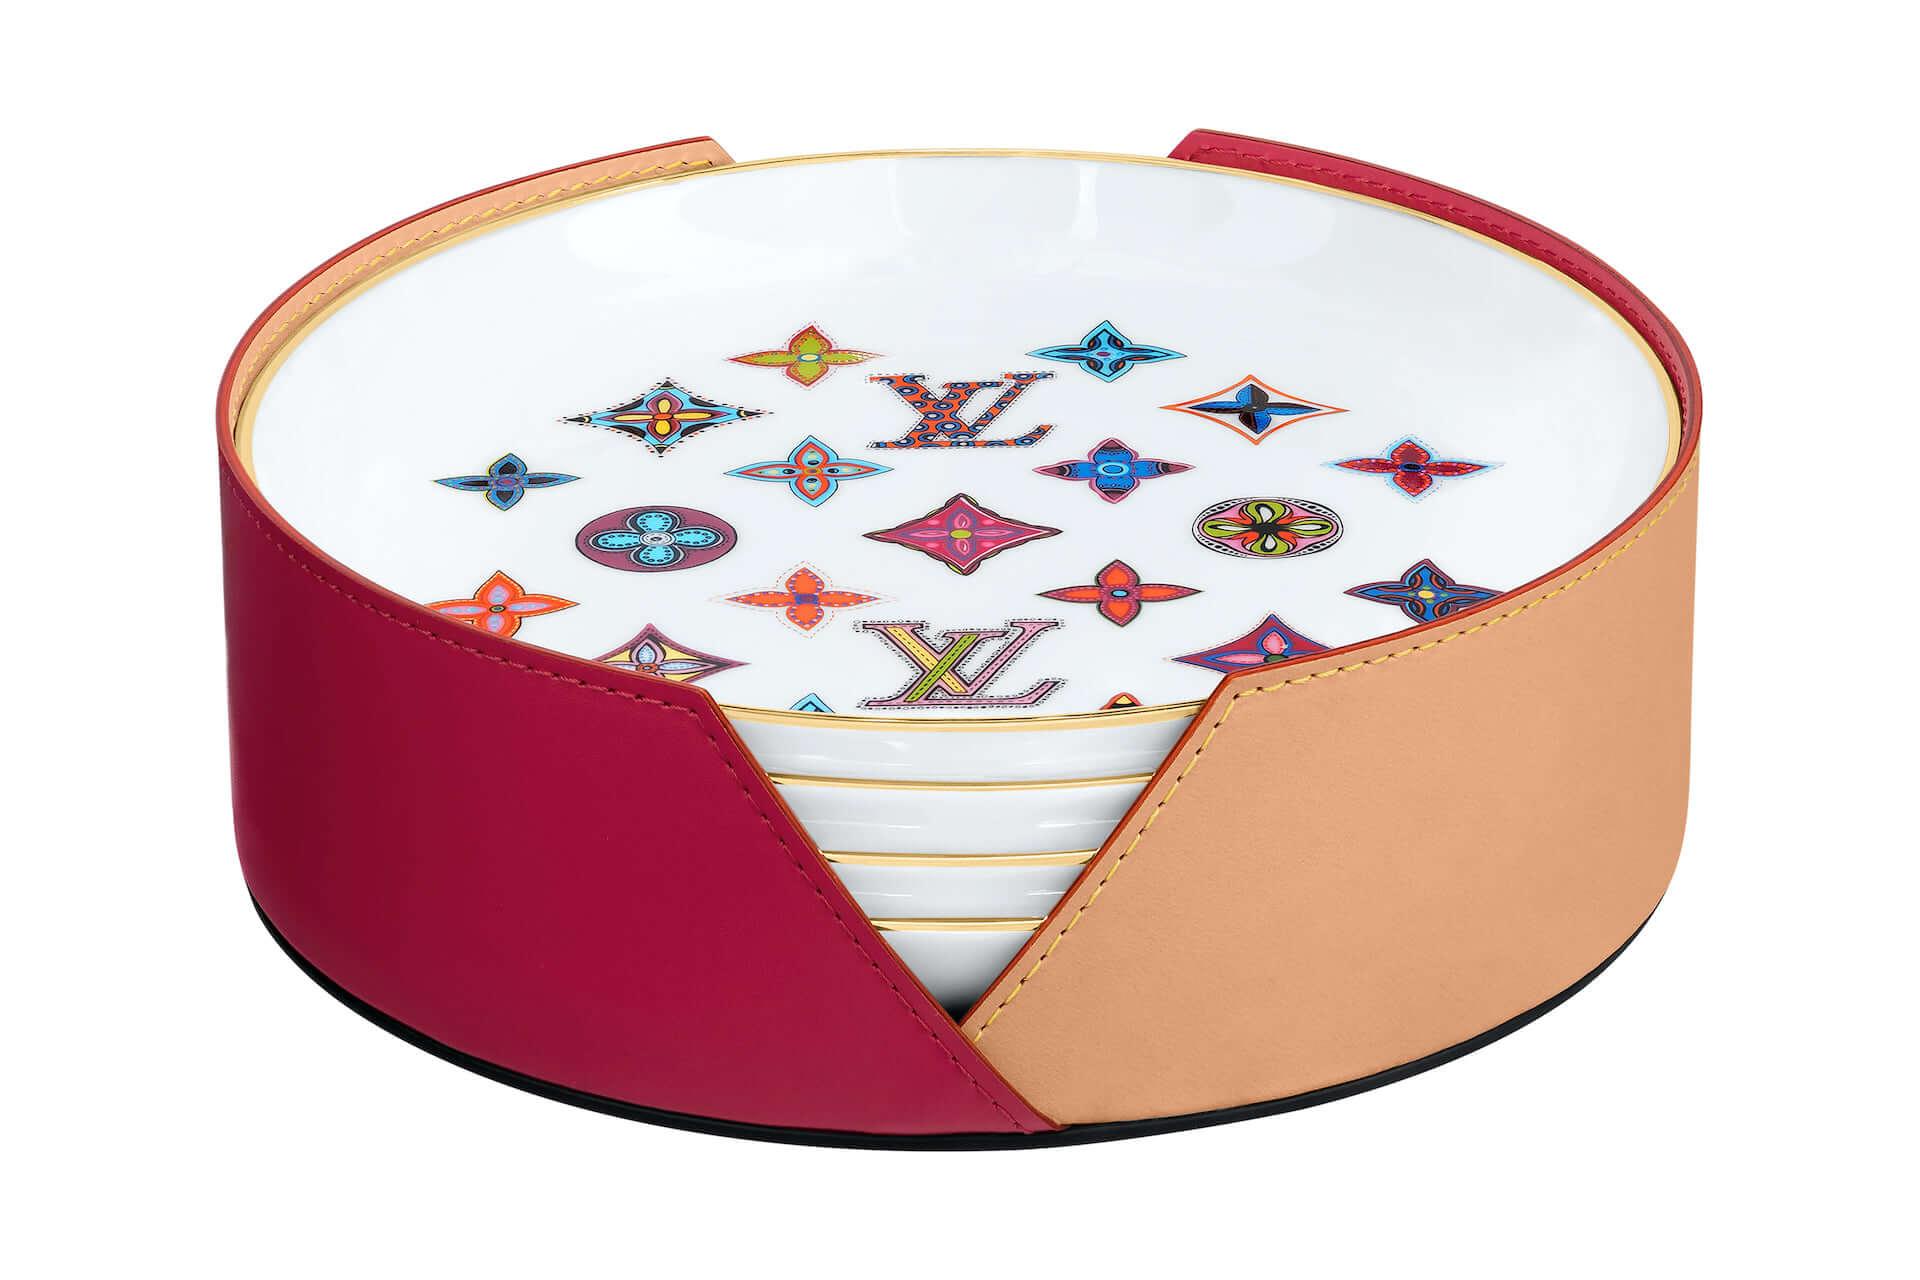 ルイ・ヴィトンの新作ギフトコレクションに陶器製のプレートセットが登場!ポップなミニカップセットも同時発売 lf201225_louisvuitton_1-1920x1280